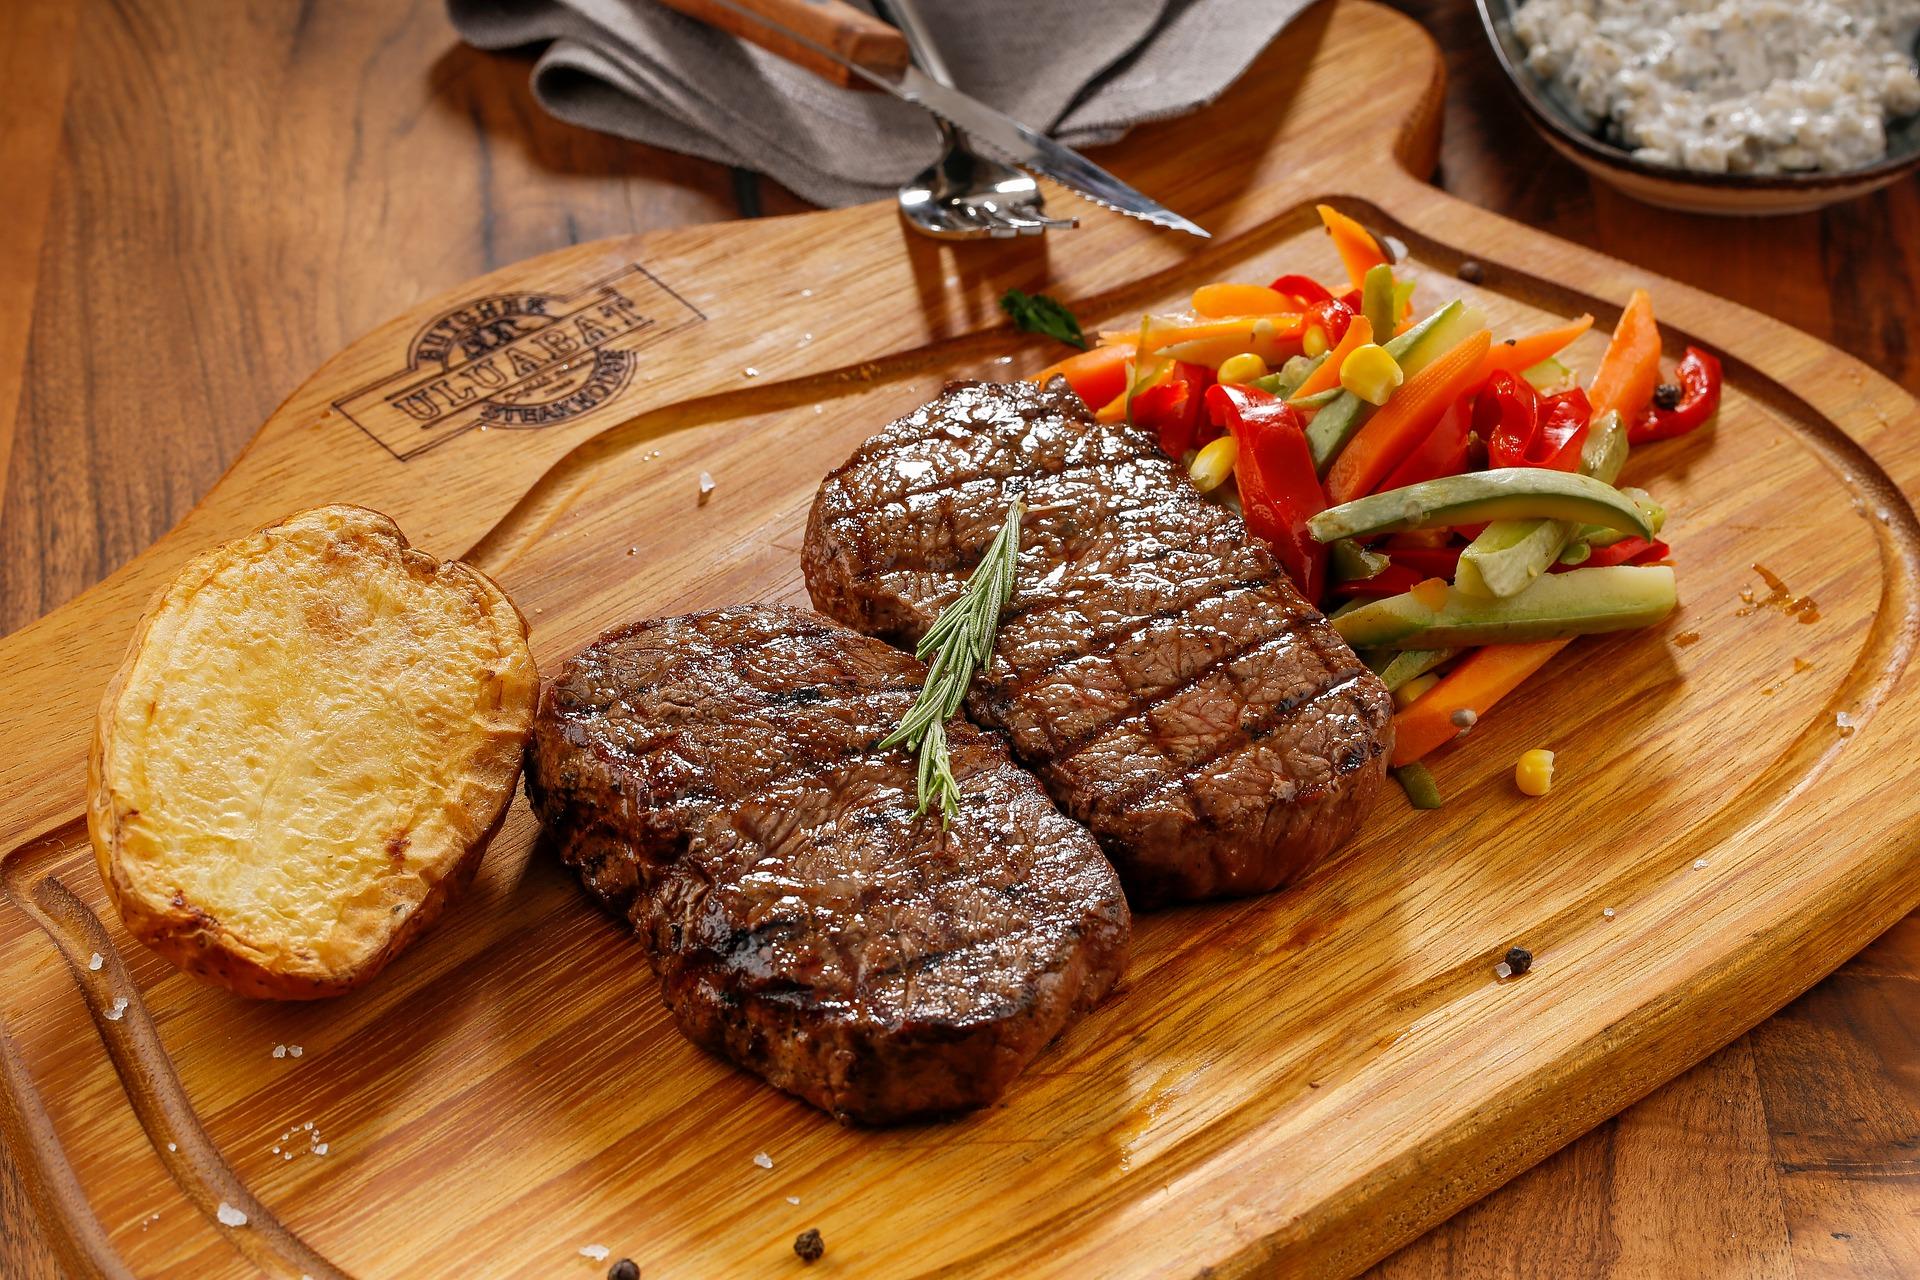 steak pierde în greutate când este gătit